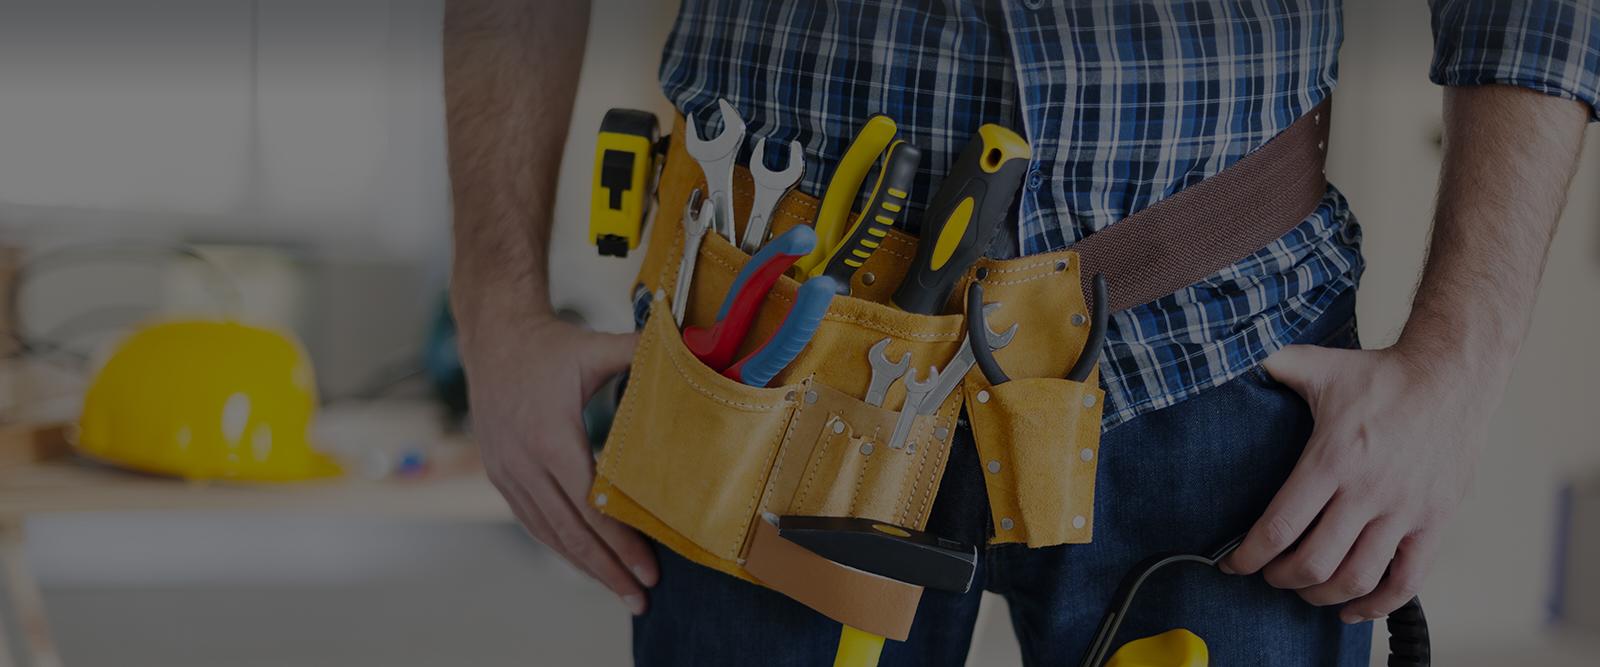 Denver, CO - Colorado - Handyman and restoration ABC